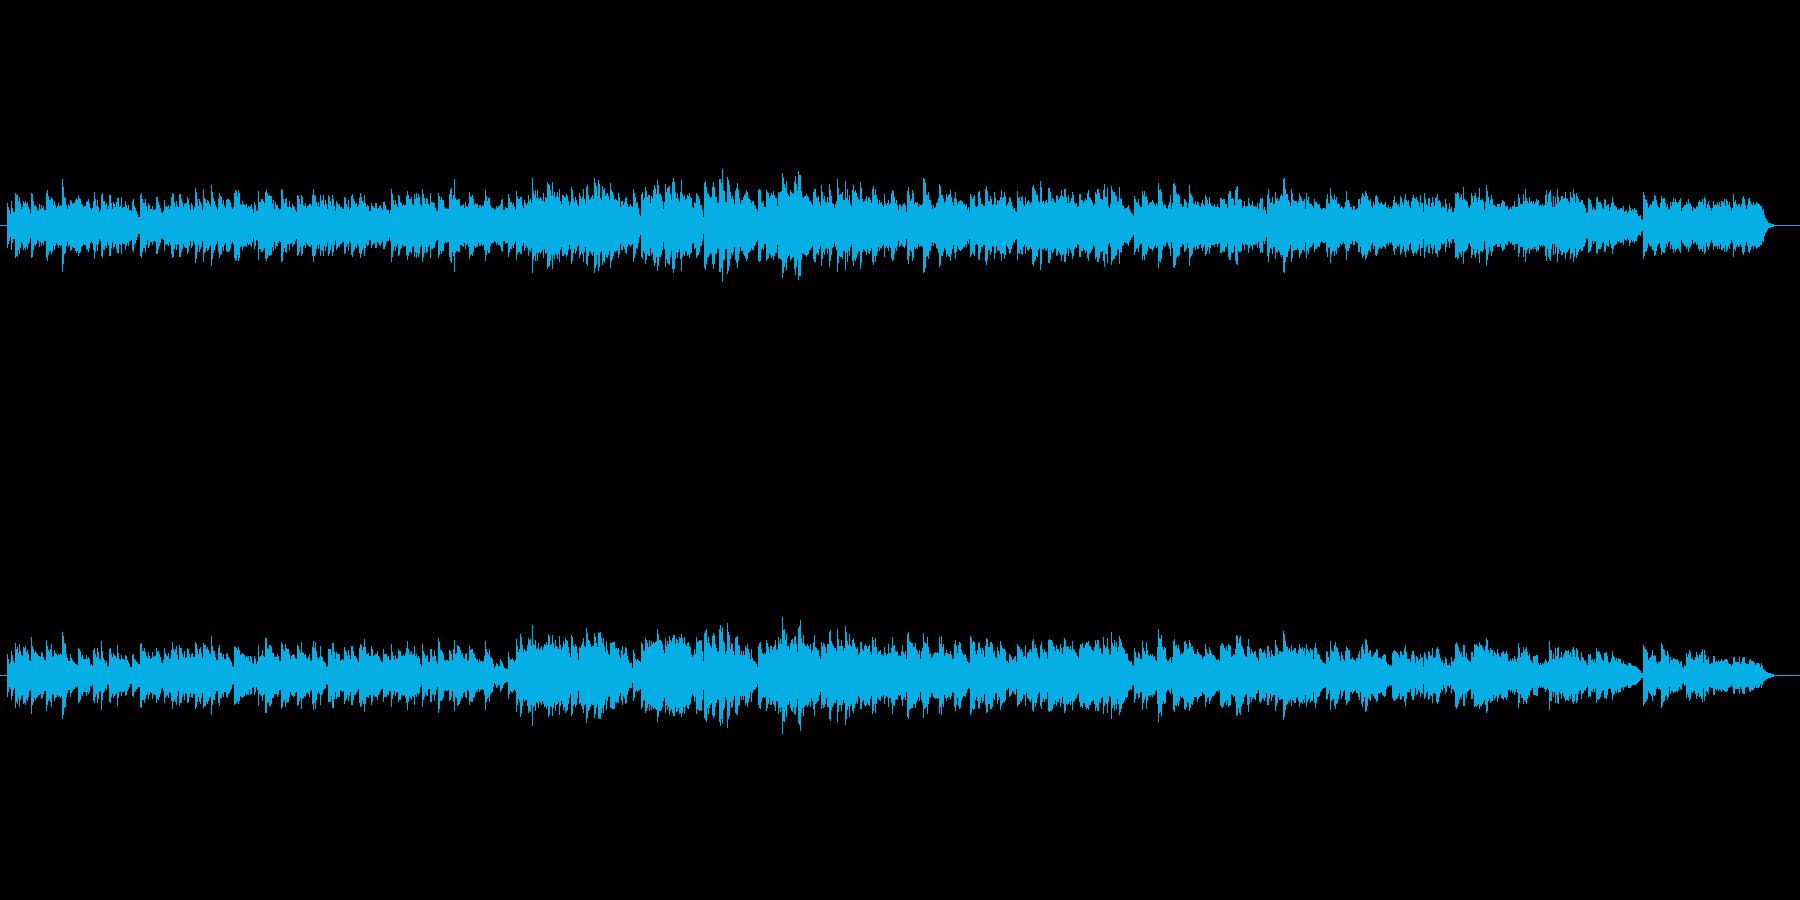 雄大なピアノバラード(オーケストラ風)の再生済みの波形